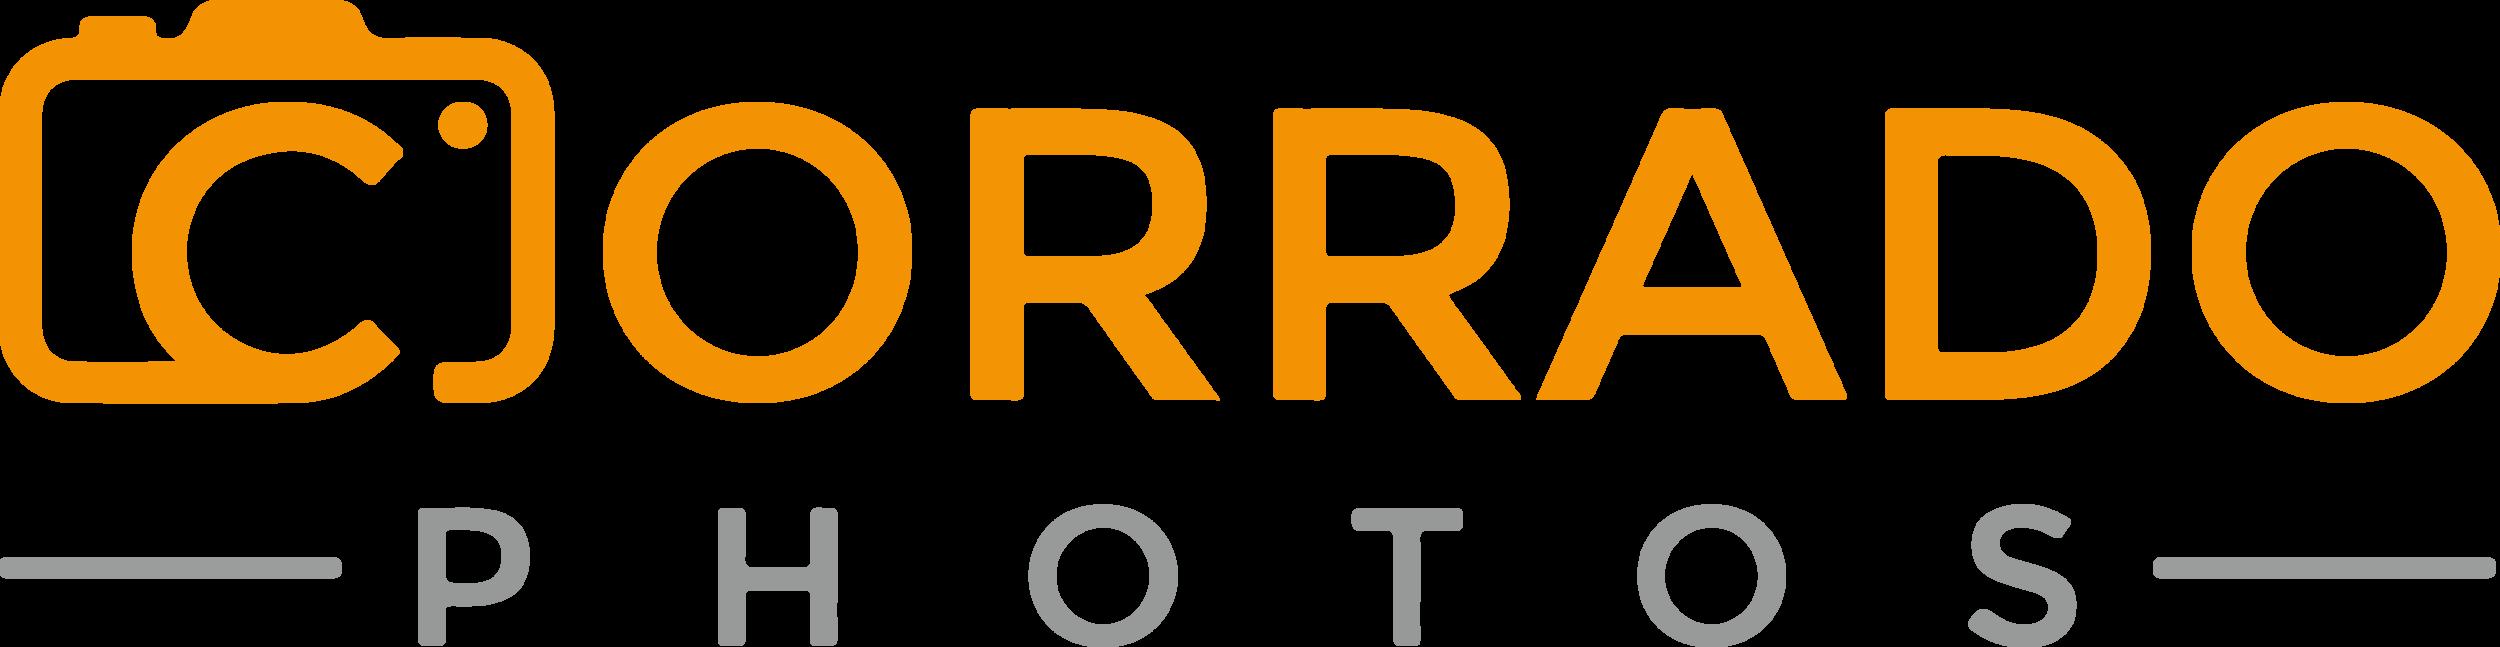 corrado-zoppi-logo_Transparent_20190525.png